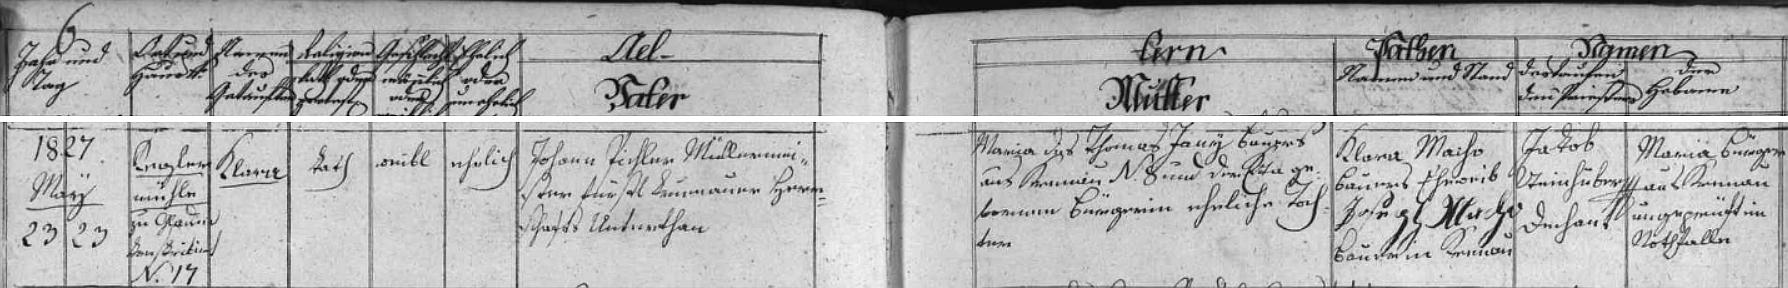 Záznam kájovské křestní matriky o narození jeho babičky z otcovy strany Klary Pichlerové 23. května 1827 na dnes zaniklém Blahově mlýně (Kegelhammer či Kögelhammer)